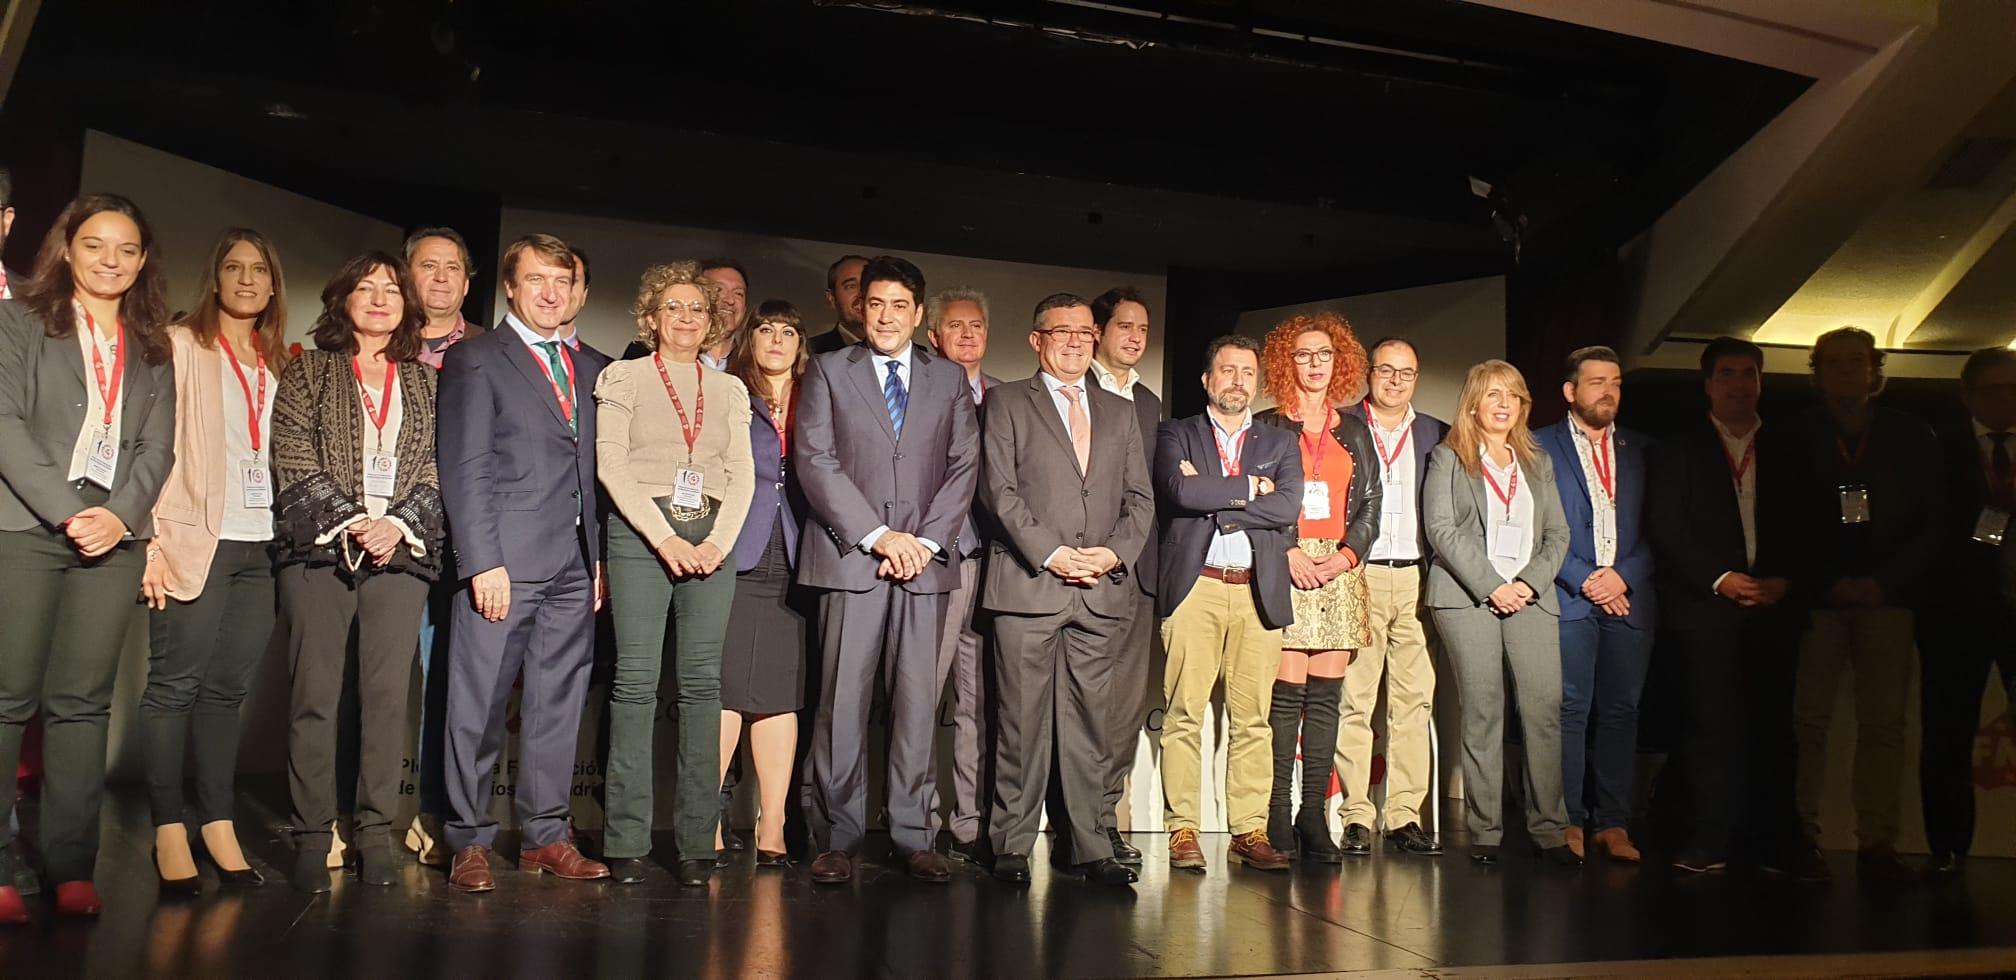 La Alcaldesa de Velilla, Antonia Alcázar, ha sido elegida vocal de la Junta de Gobierno de la FMM